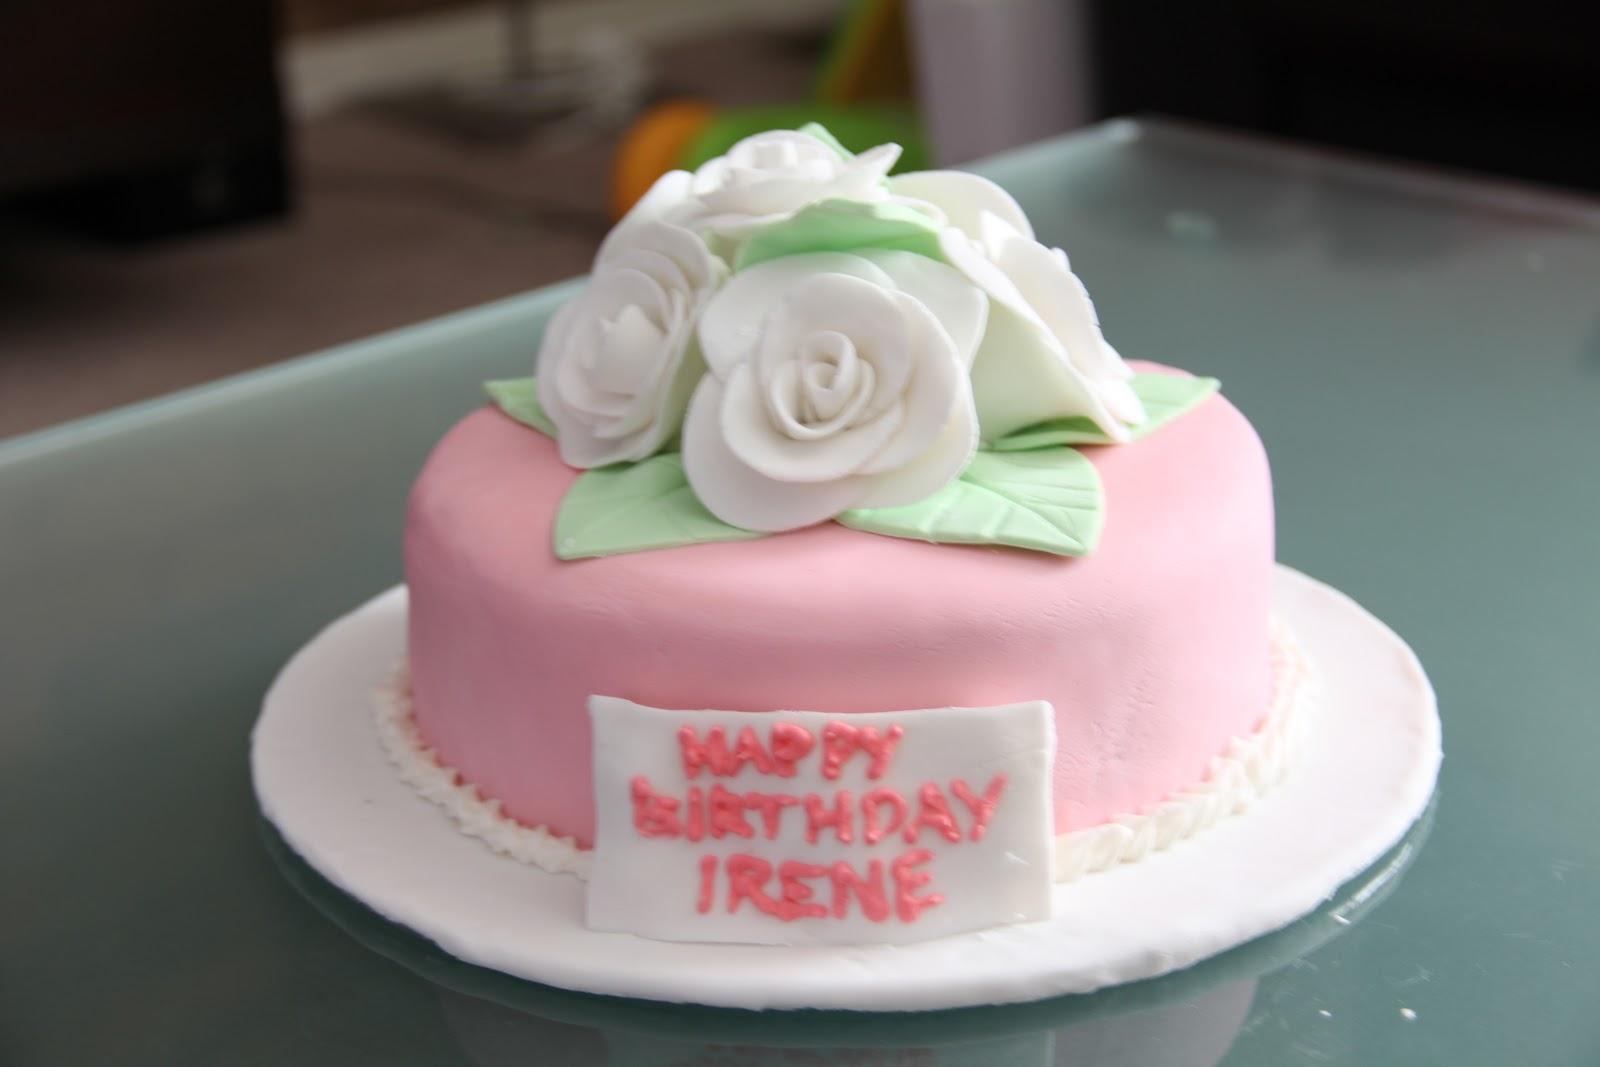 Birthday Cake Irene